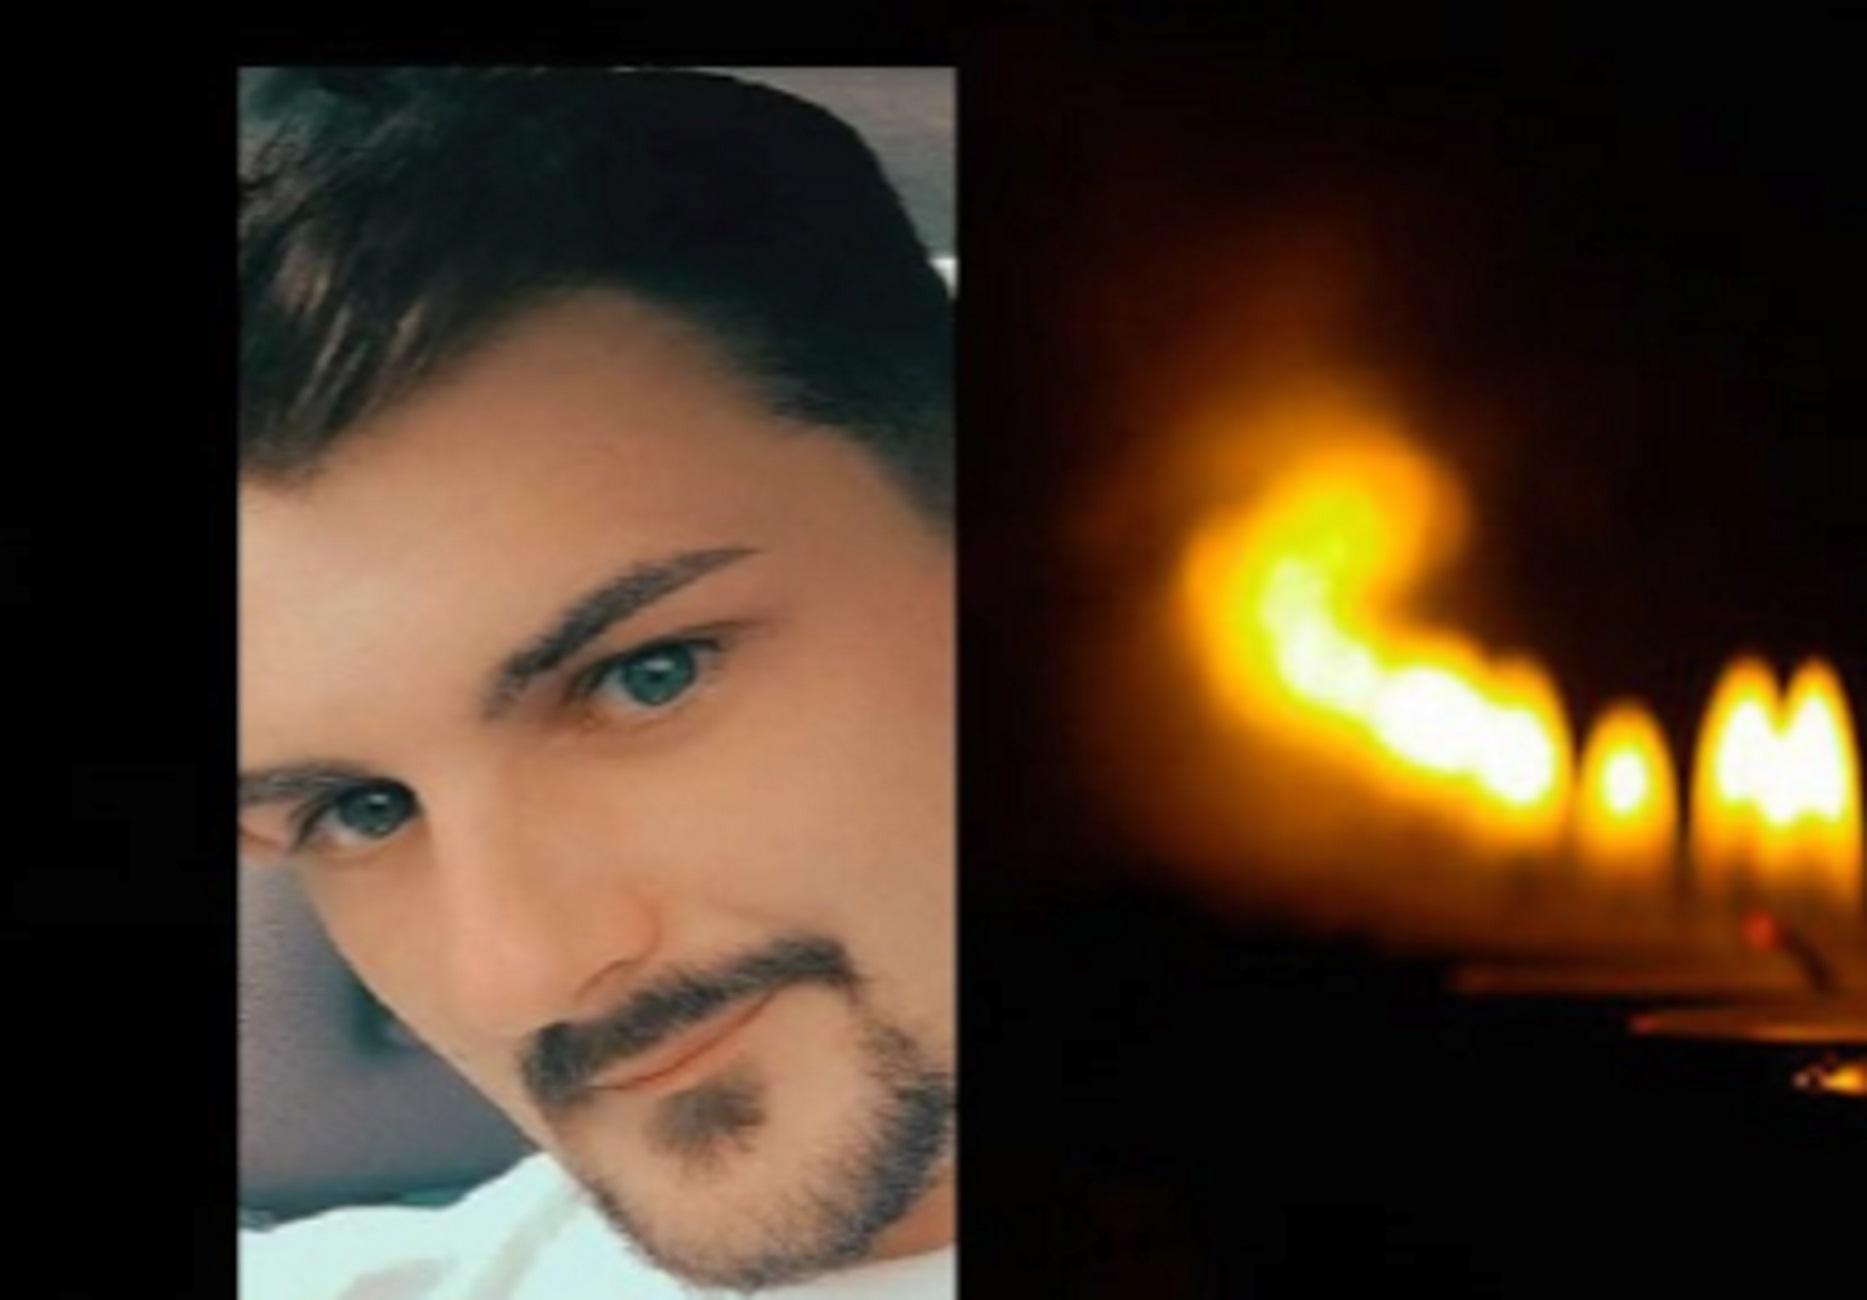 Κρήτη: Νεκρός σε τροχαίο ο 27χρονος Ραφαέλο – Σπαραγμός για τον άτυχο ντελιβερά